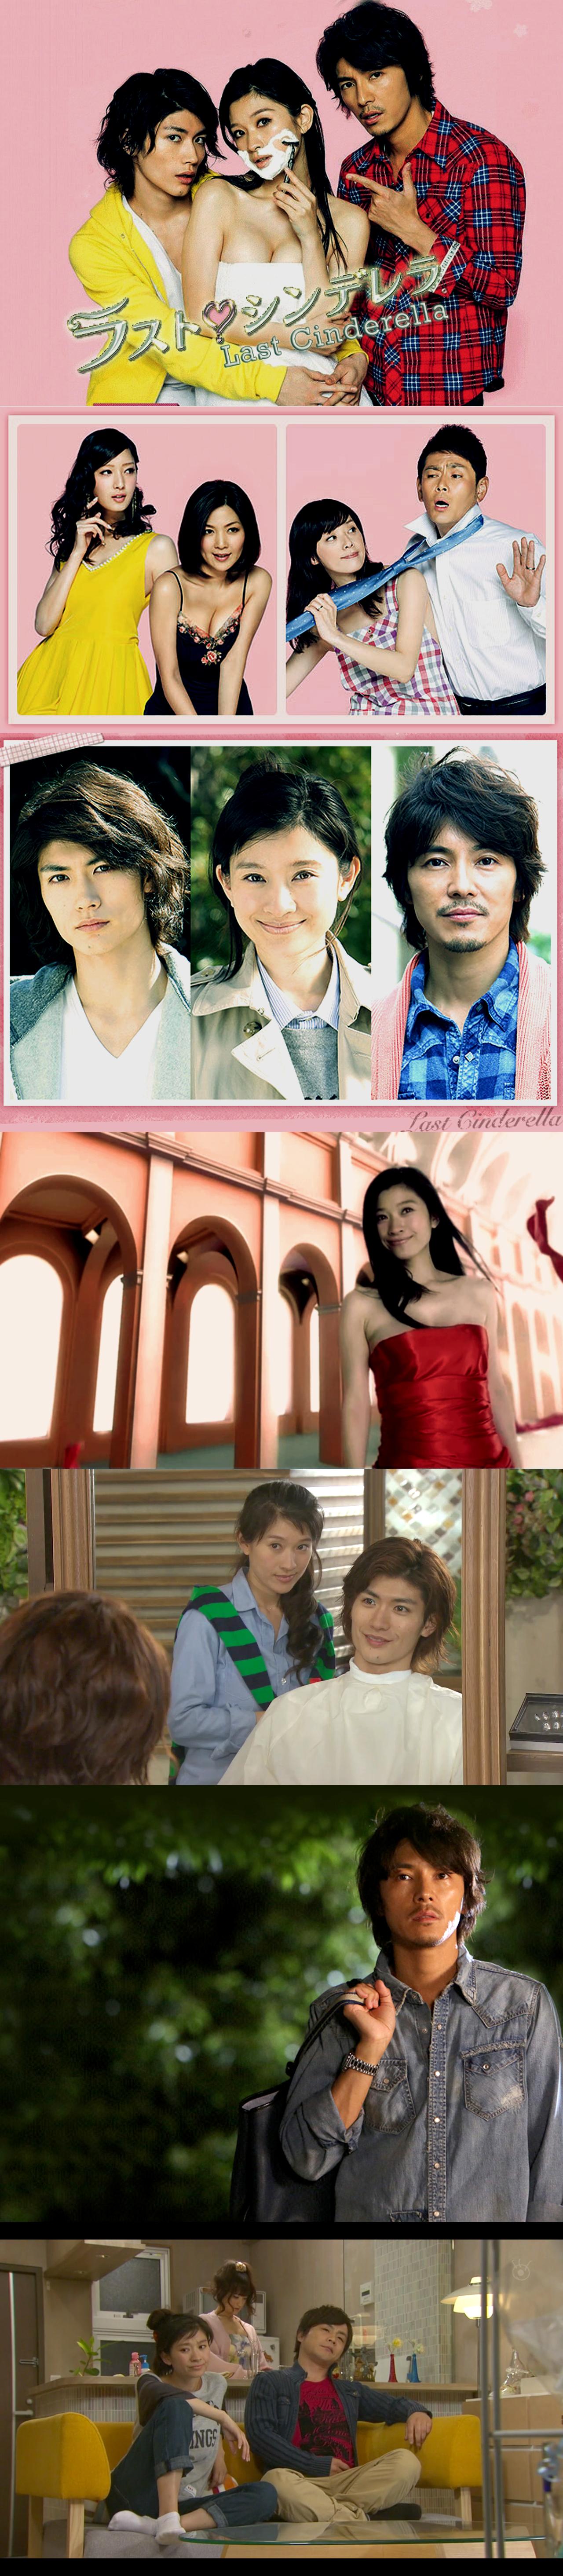 Last♡Cinderella (ラスト♡シンデレラ) - JDrama 2013 - 11 episodes - Shinohara Ryoko / Miura Haruma / Fujiki Naohito